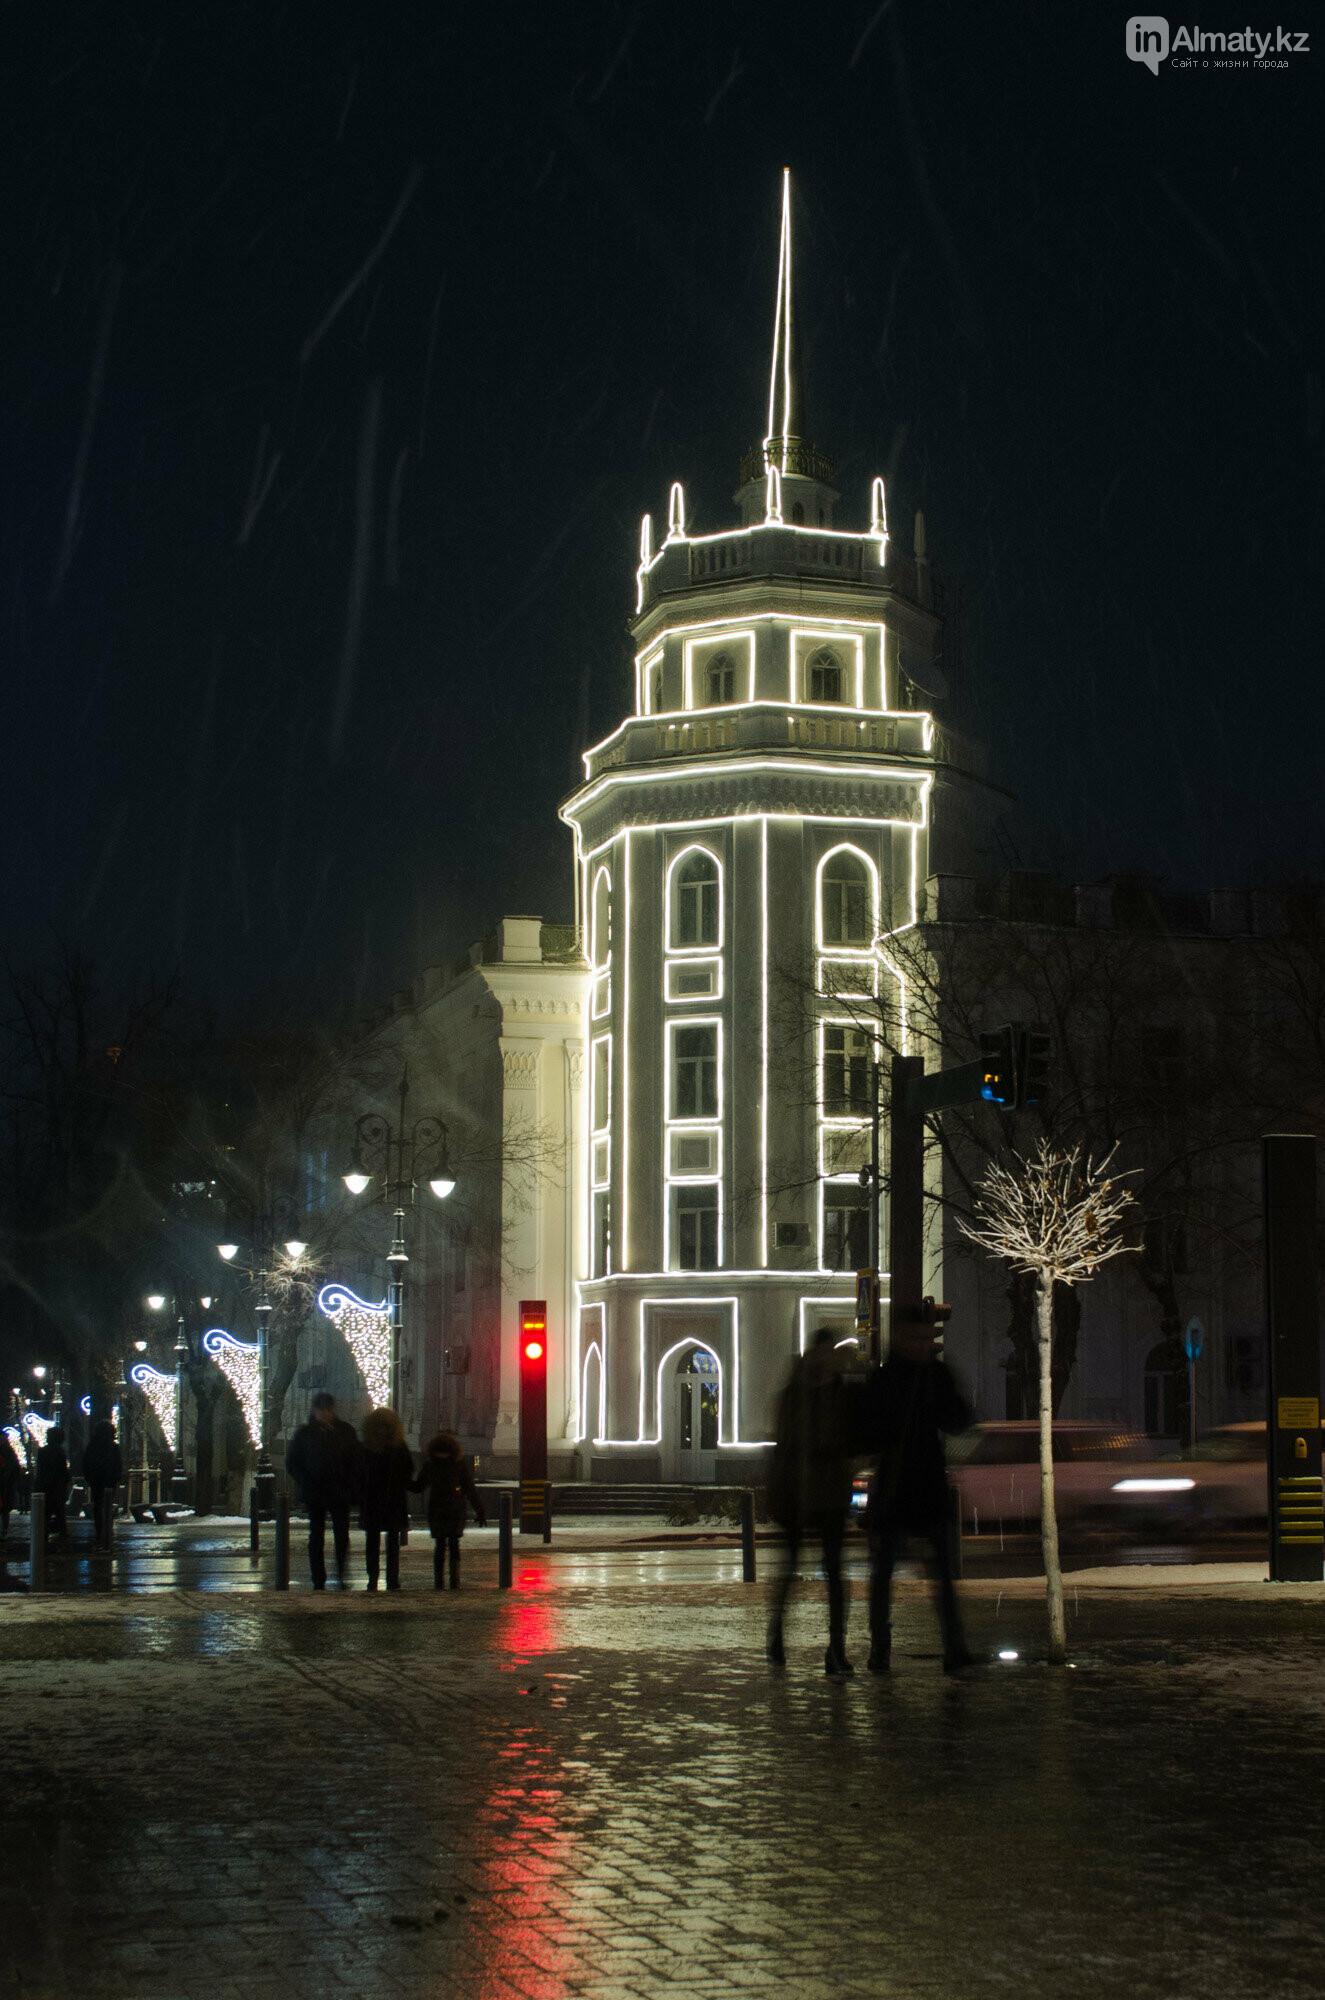 Как украшен центр Алматы к Новому году (фото), фото-31